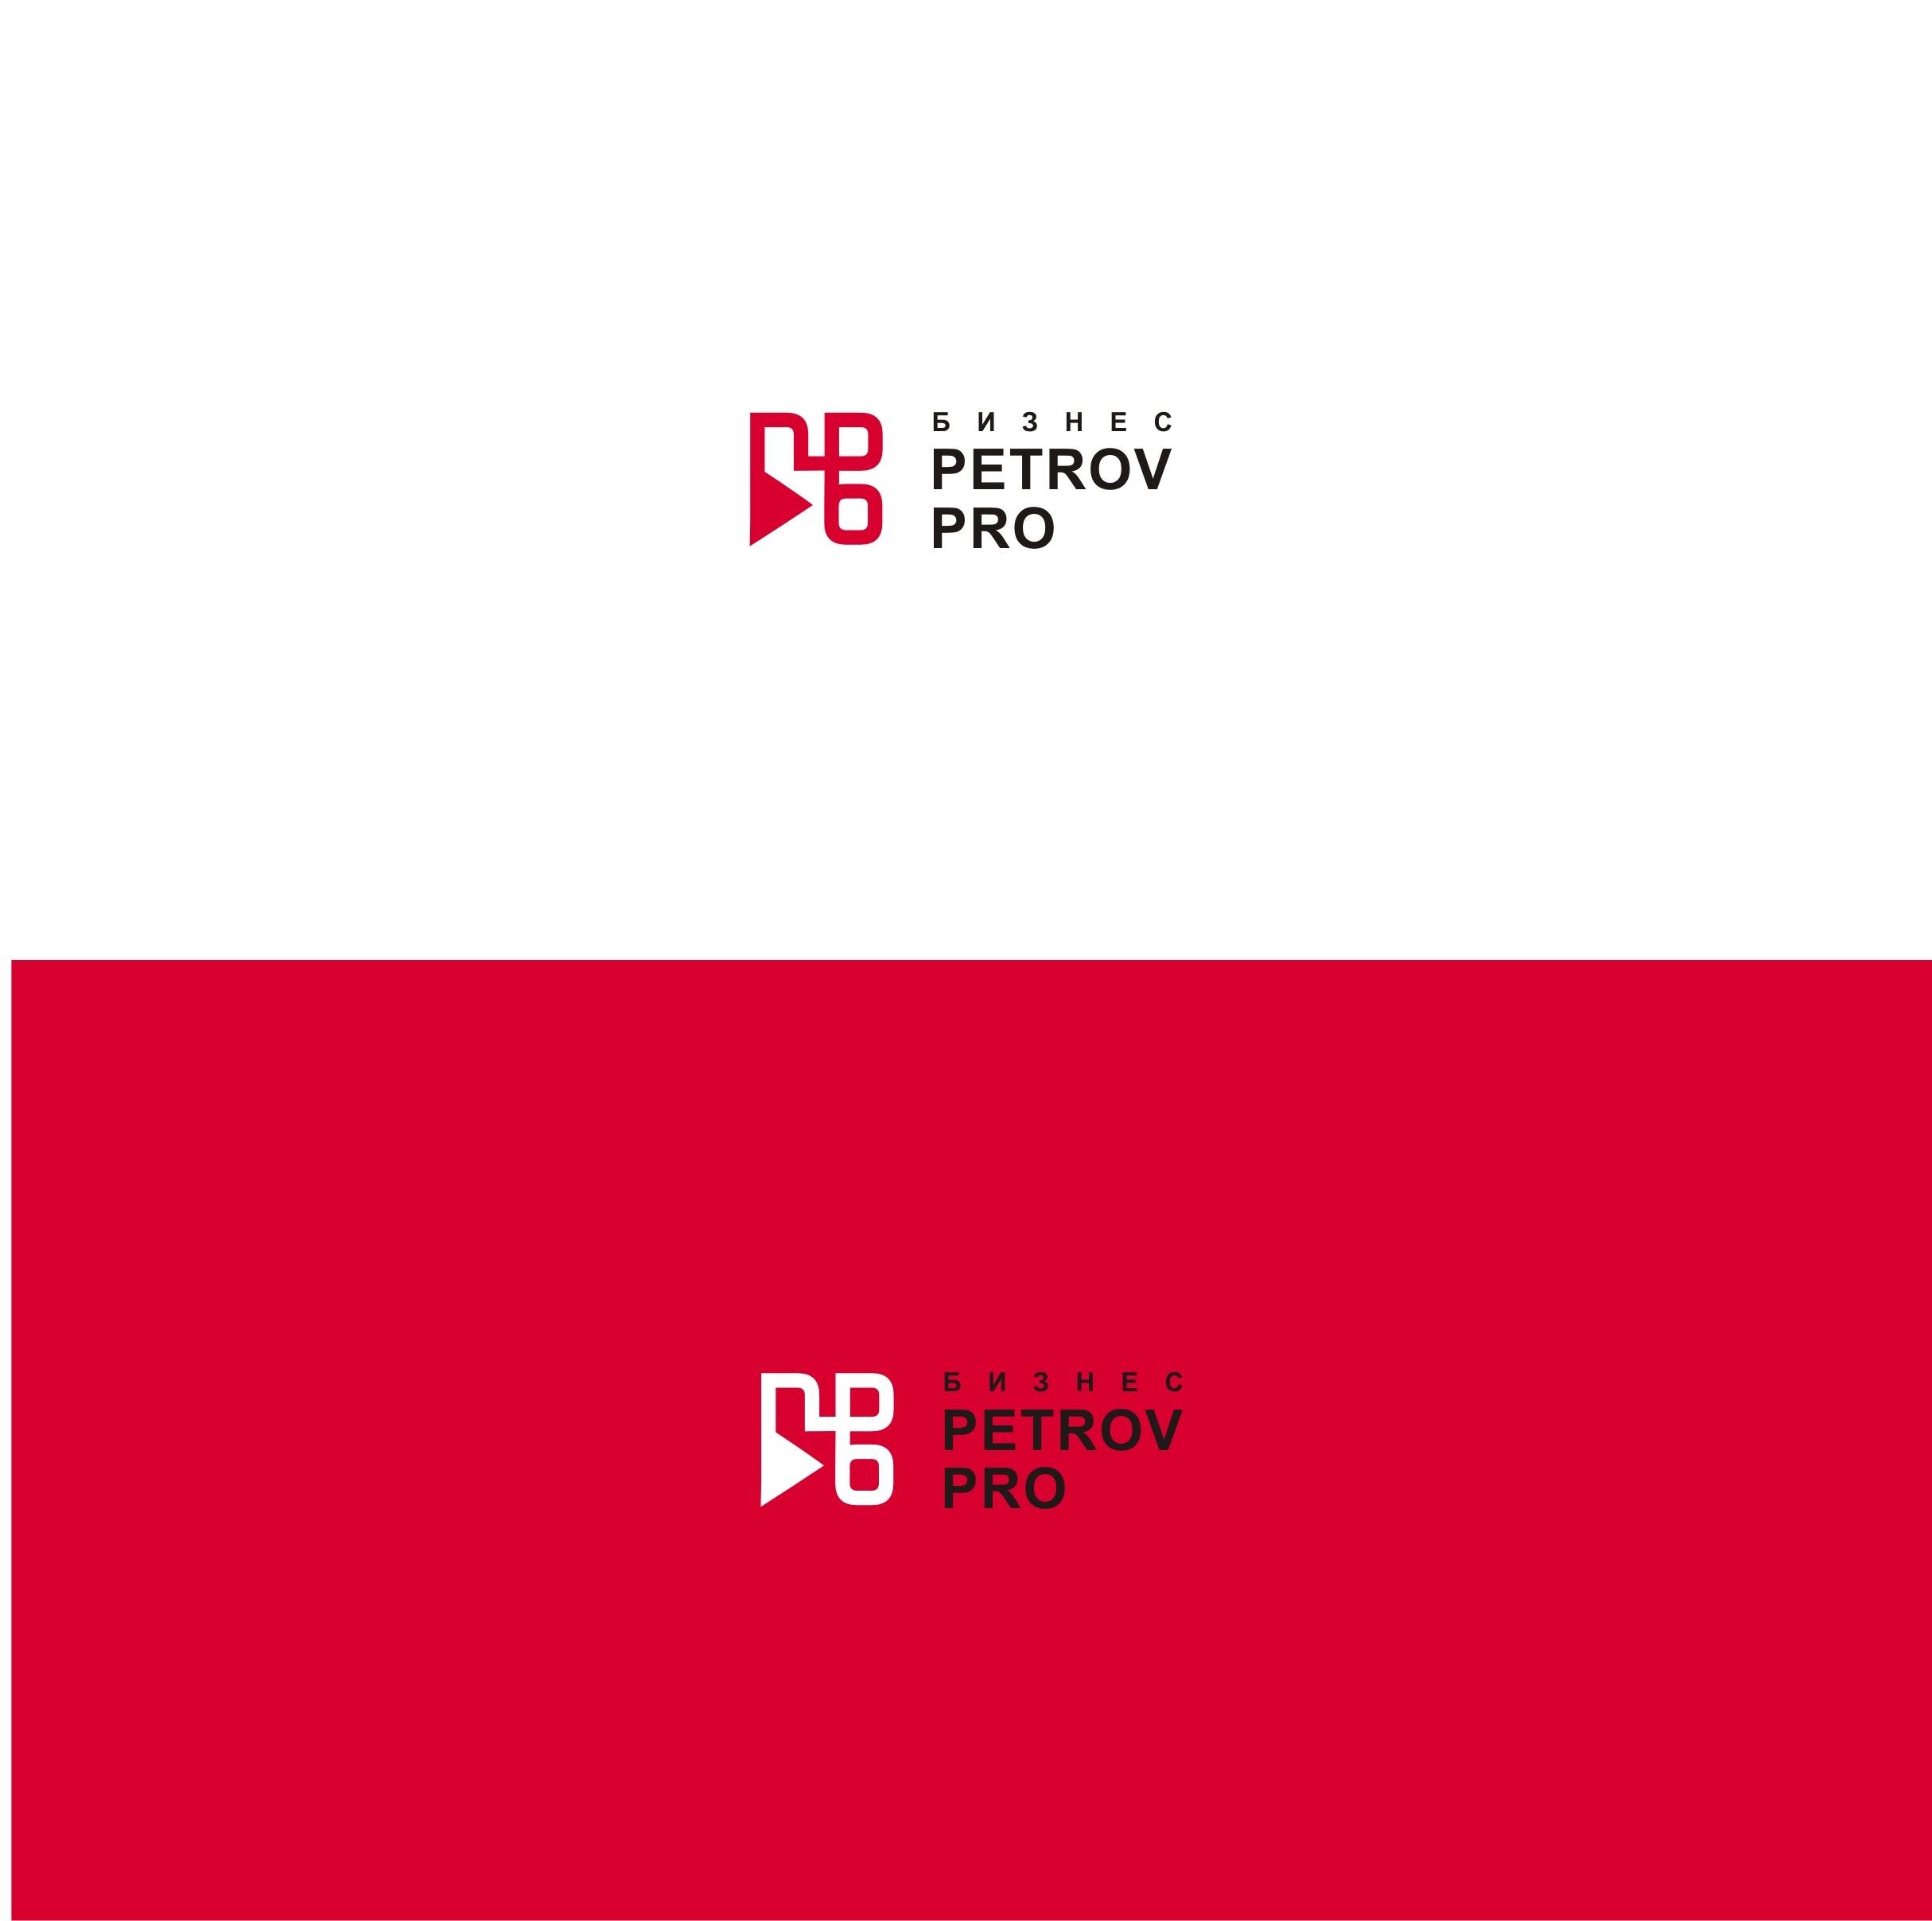 Создать логотип для YouTube канала  фото f_9235c051c0dd0b65.jpg